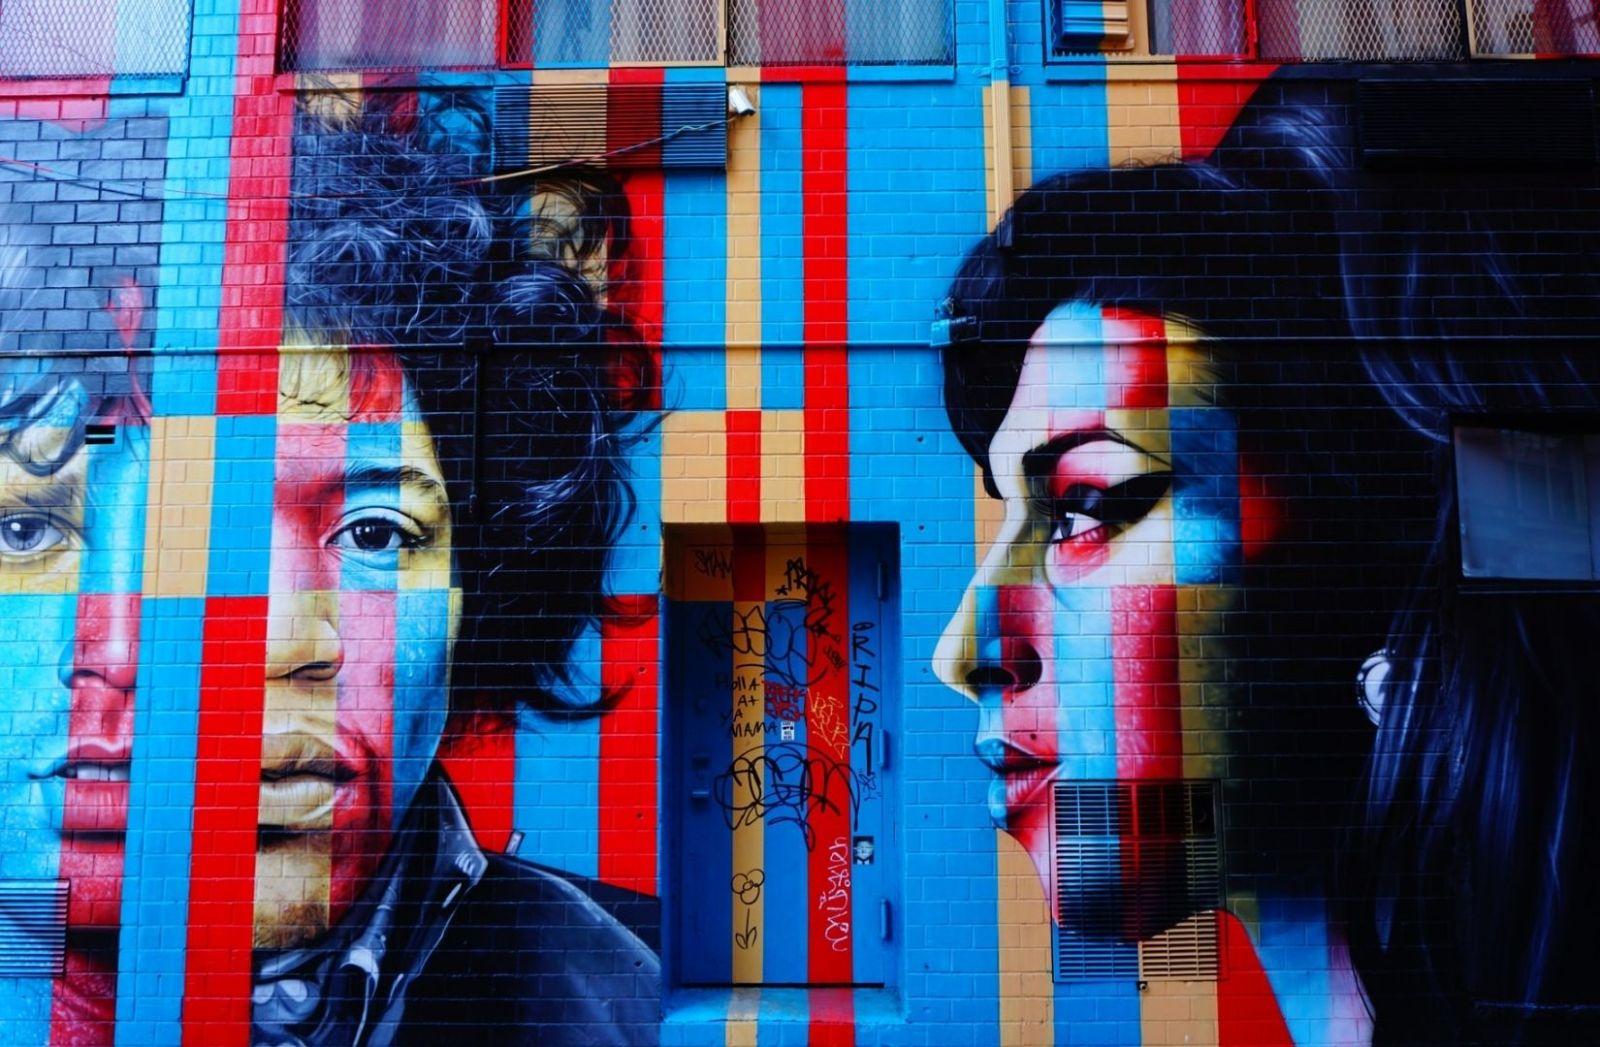 Street Art und Schattenspiele. (Foto: Dimitar Belchev, Unsplas.com)